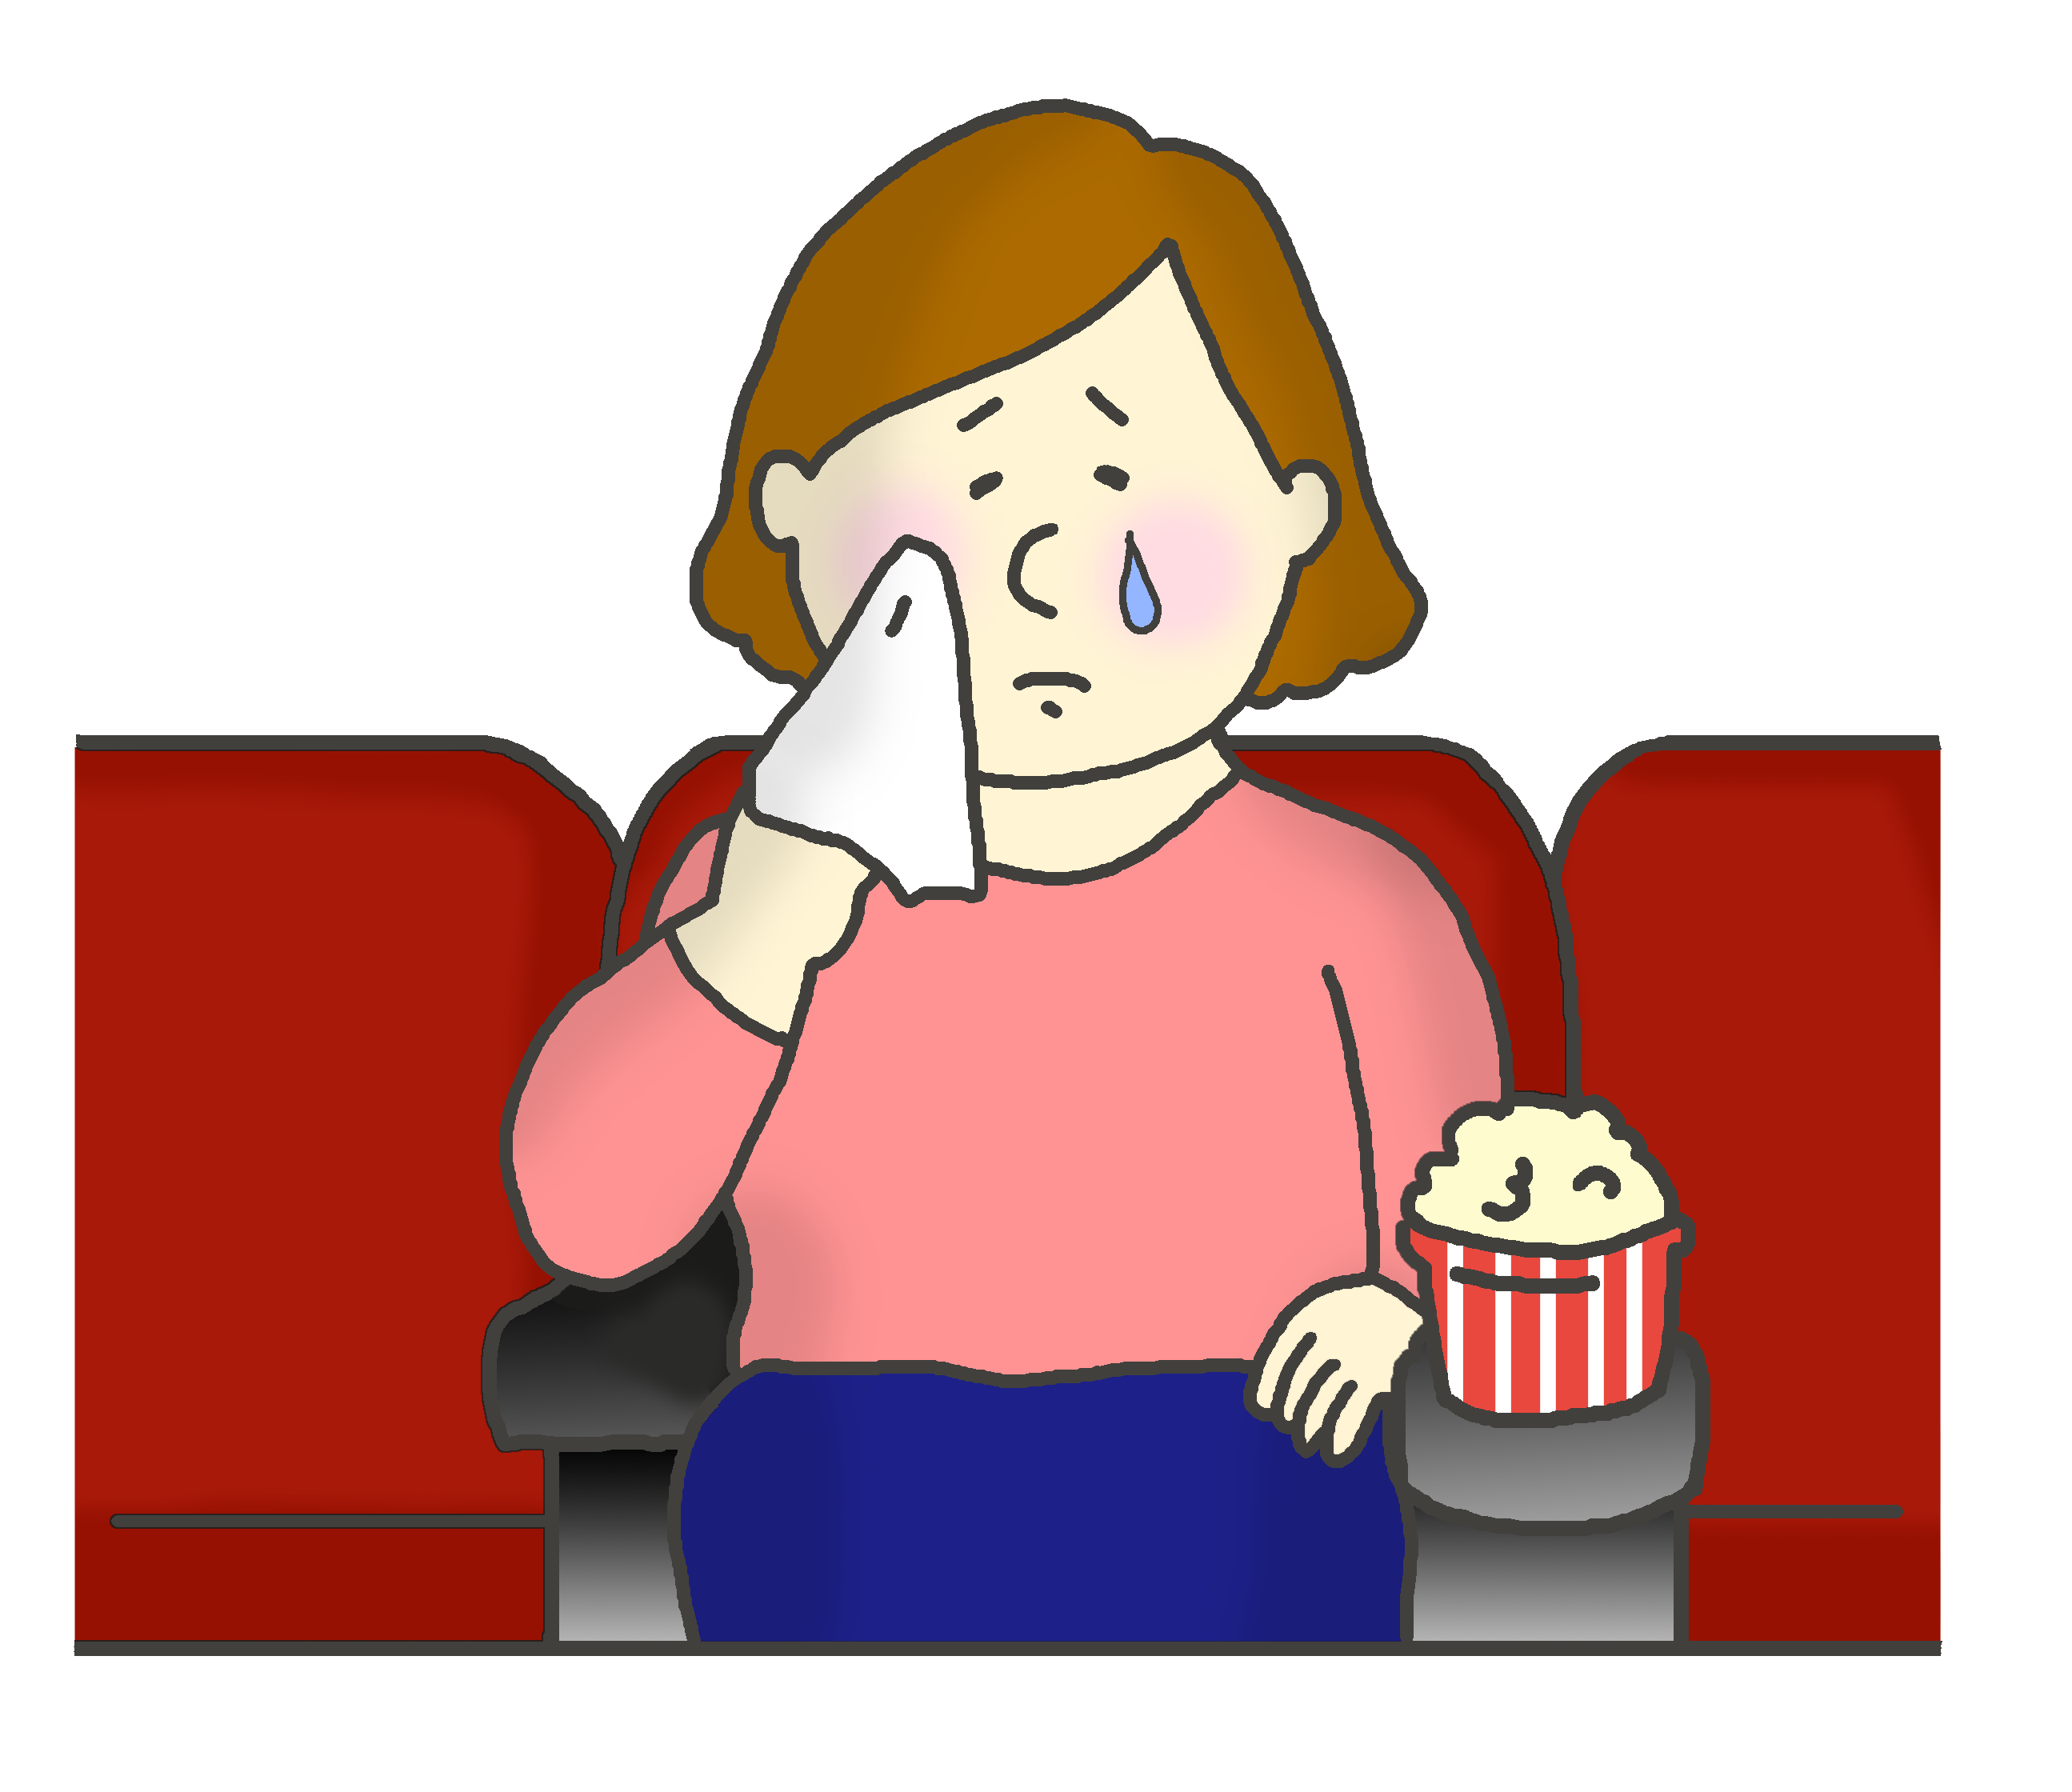 映画館で感動して泣く女性のイラスト